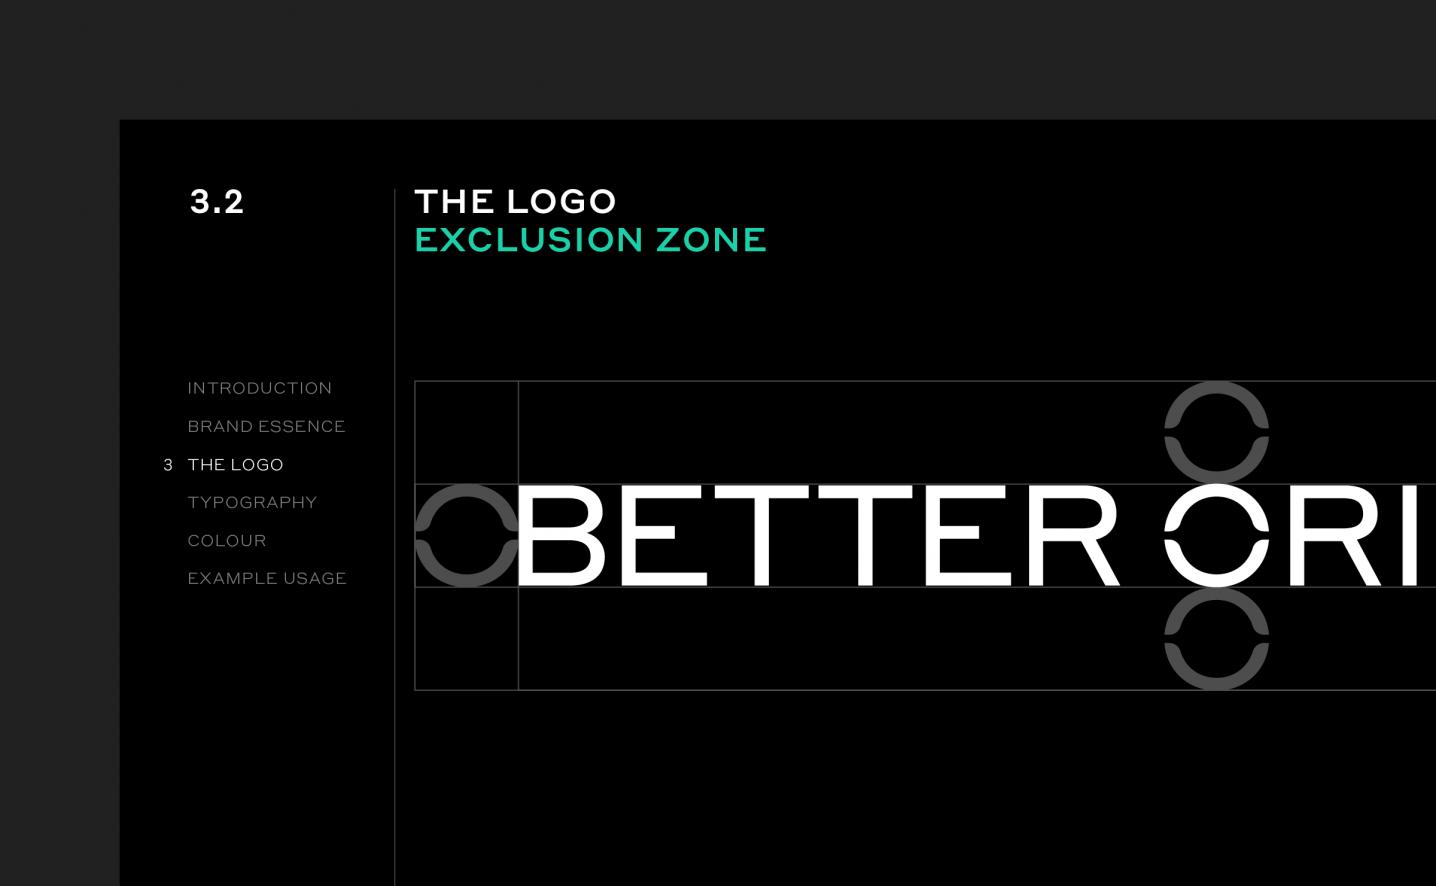 Better_origin_brand_idenity_guidelines_logo